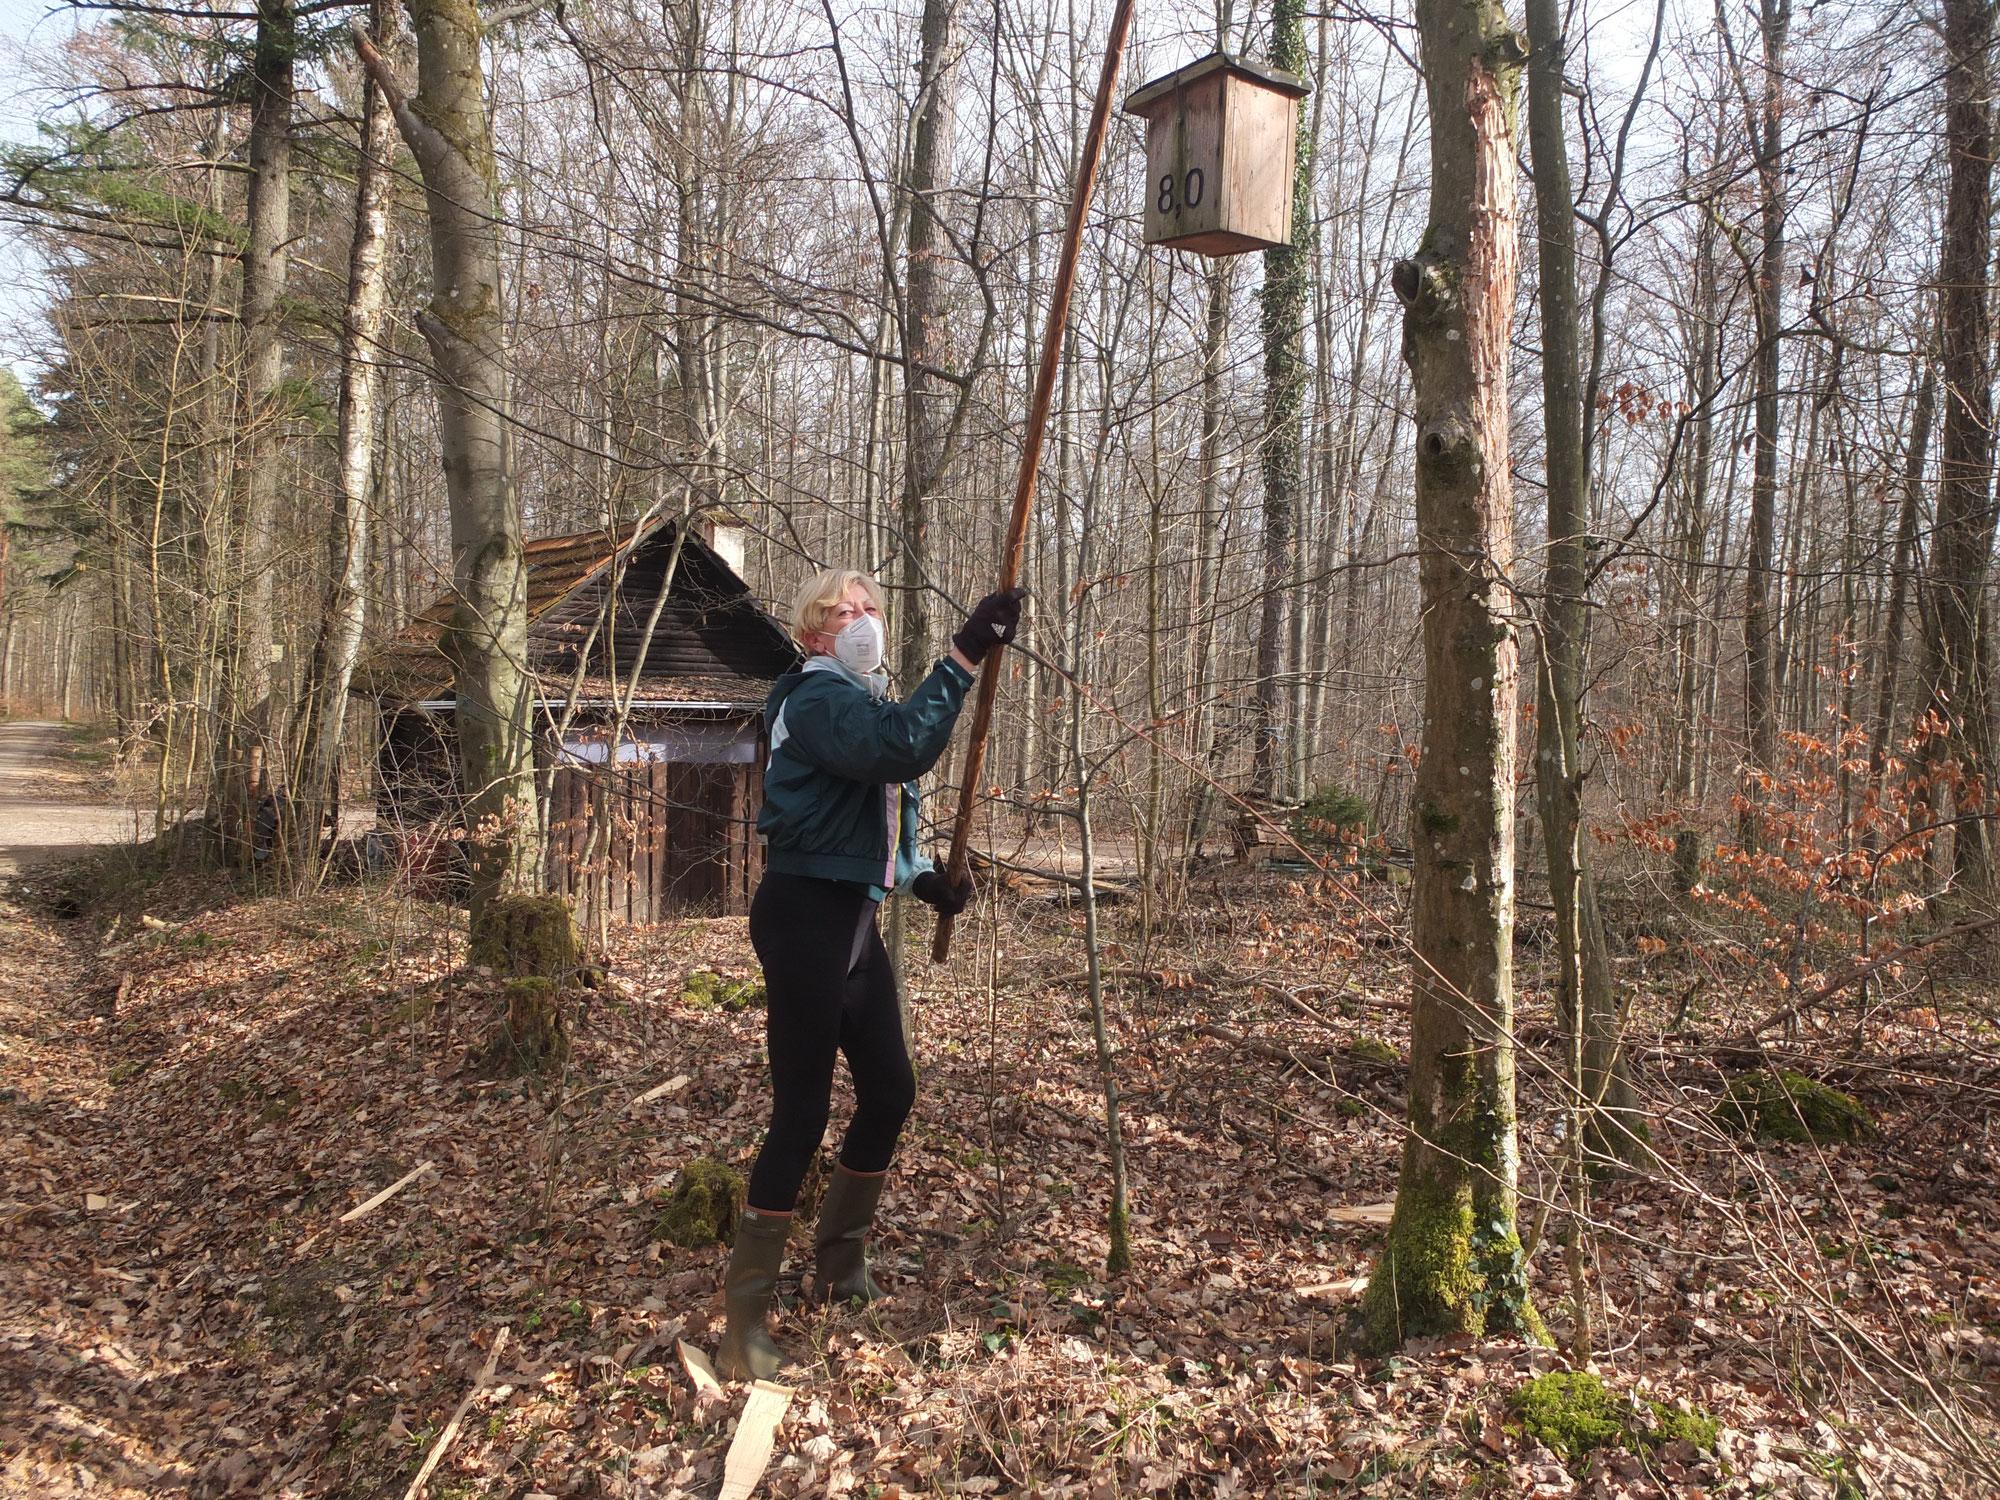 Laufsport und Vogelschutz im Maienwald